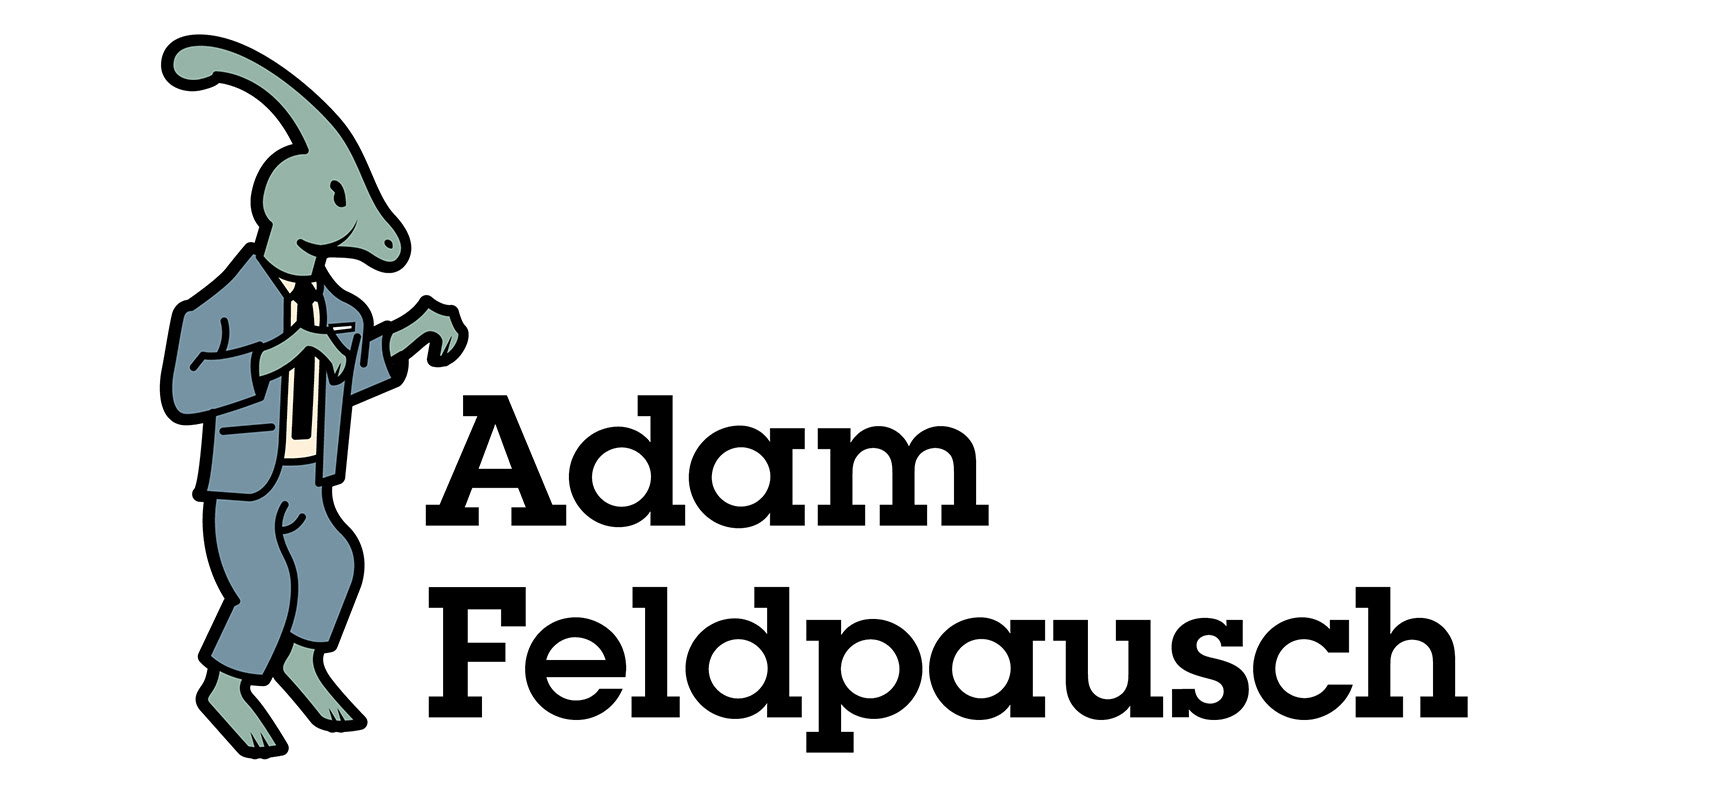 Adam Feldpausch